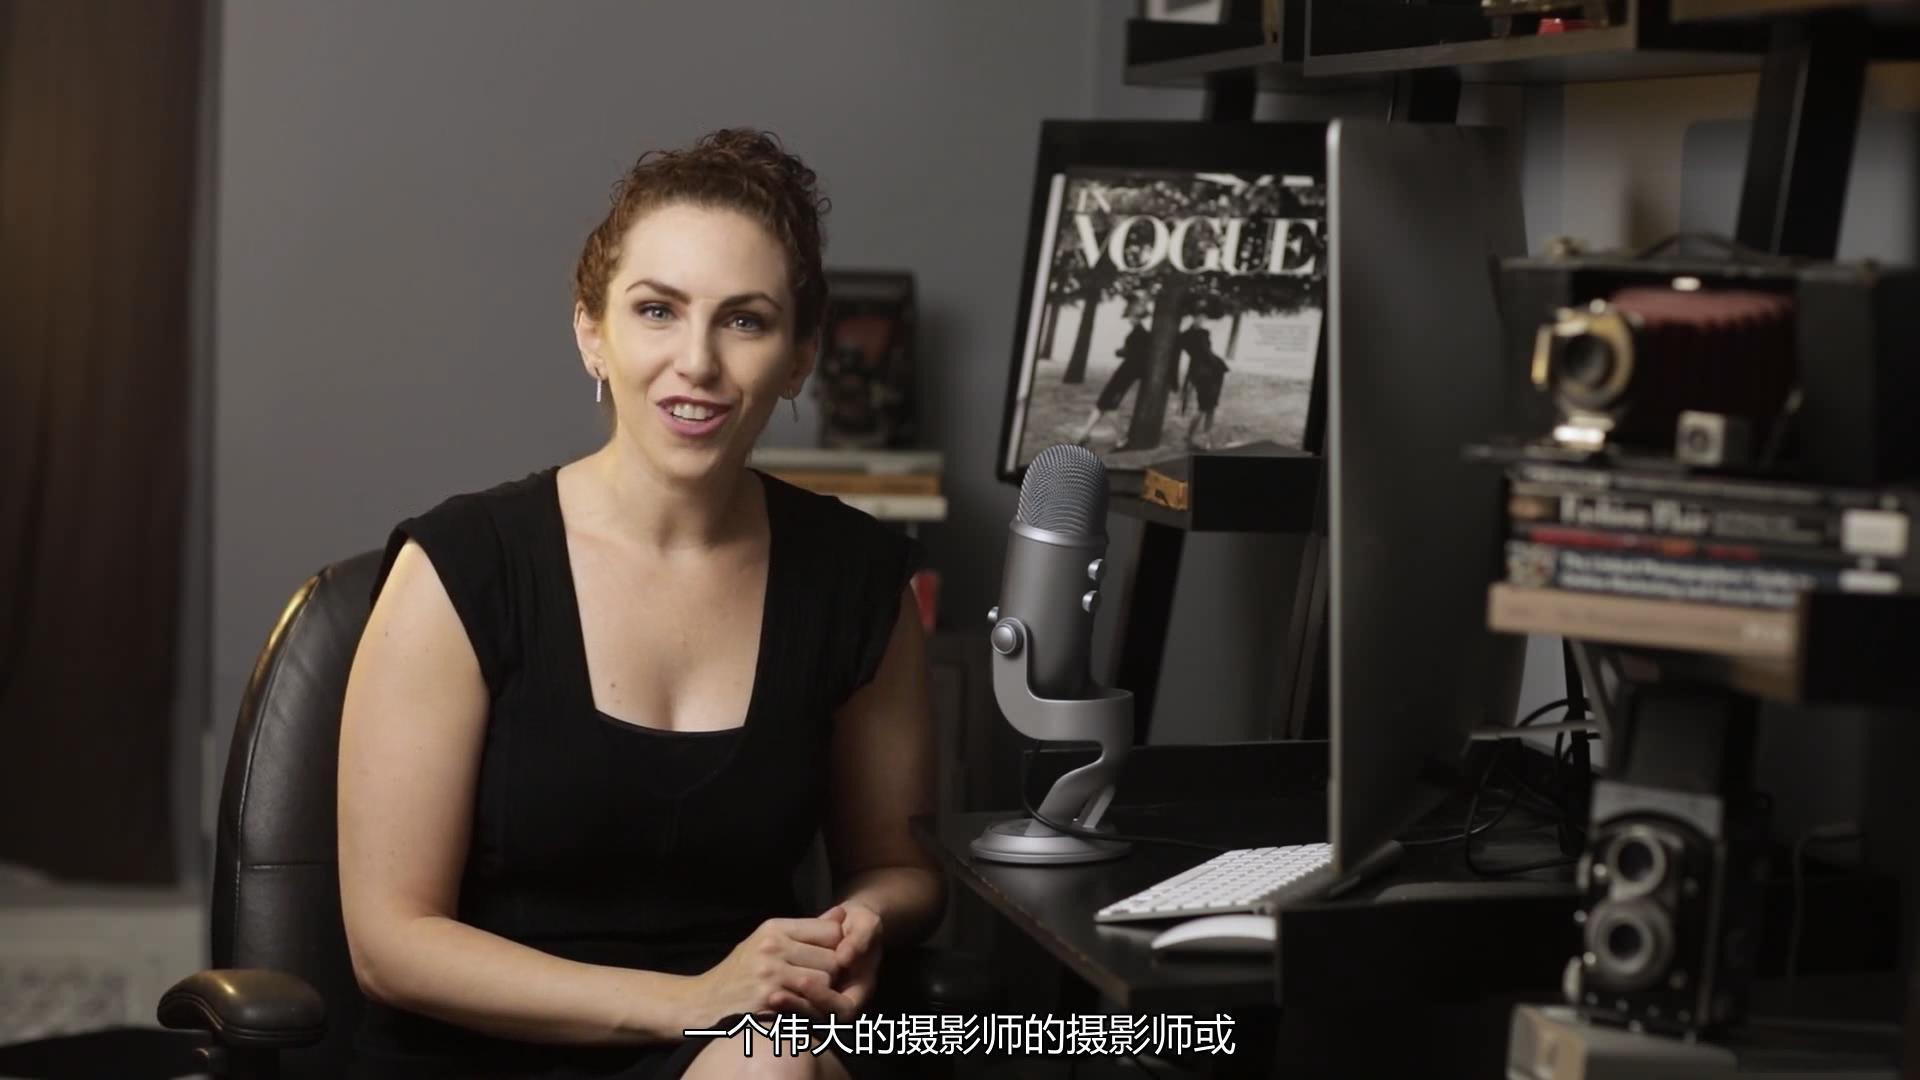 摄影教程_Lindsay Adler为期10周的工作室棚拍布光大师班教程-中文字幕 摄影教程 _预览图5